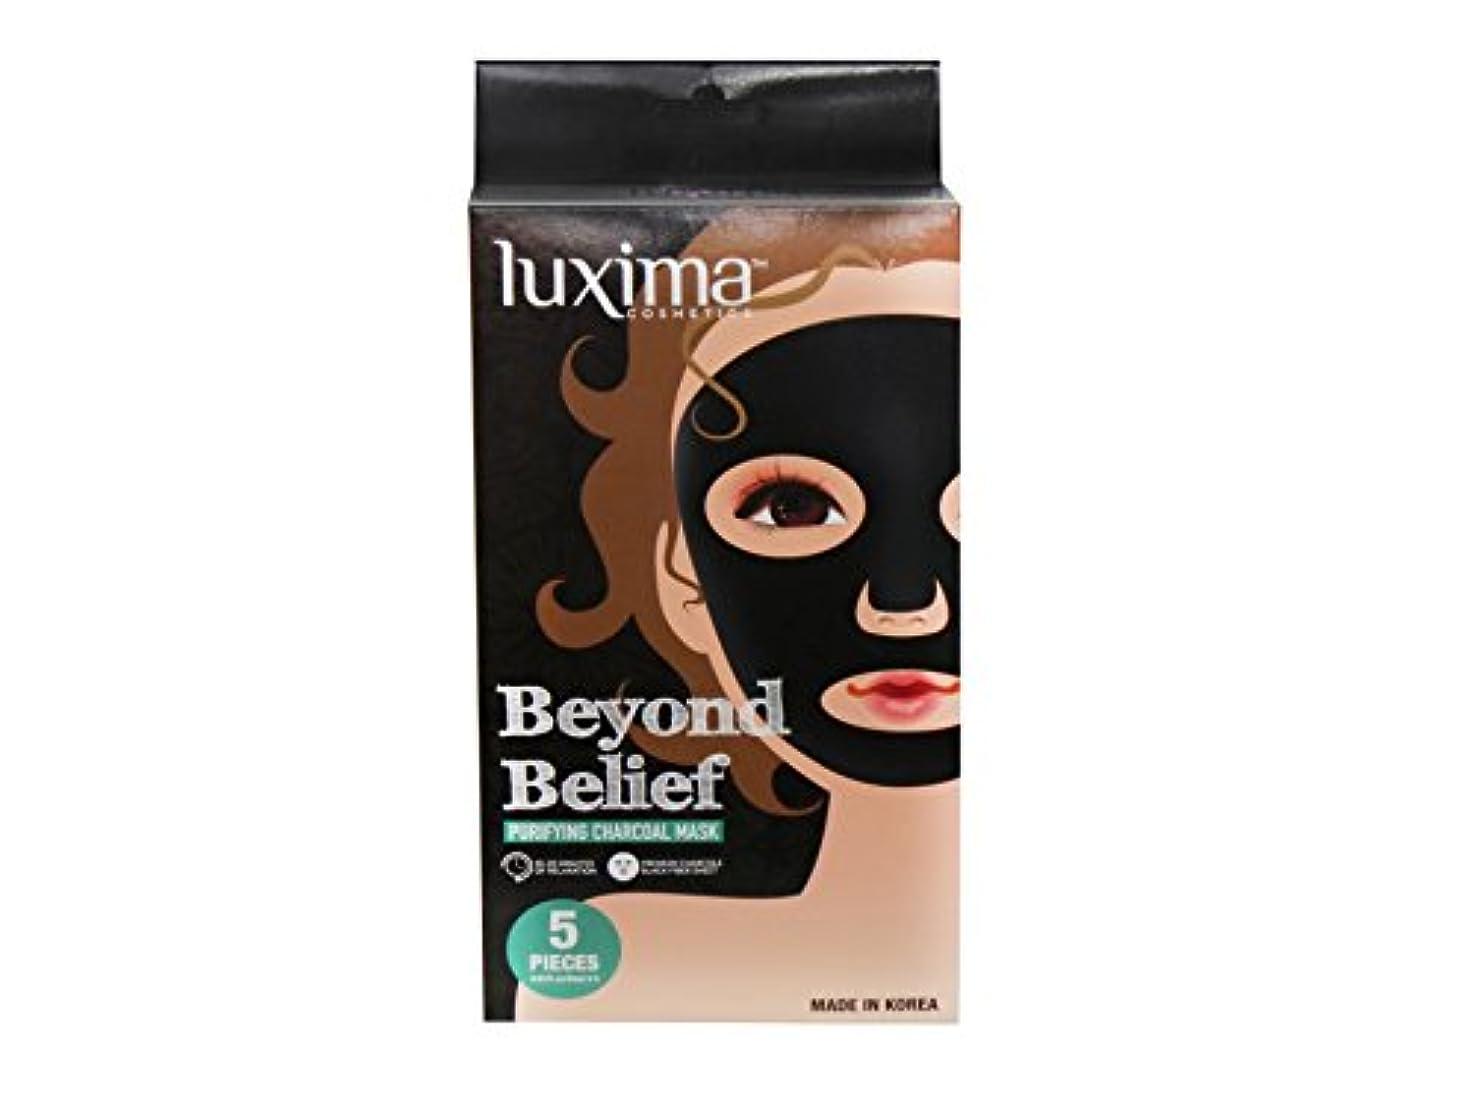 改革サーマルサージLUXIMA Beyond Belief Purifying Charcoal Mask, Pack of 5 (並行輸入品)